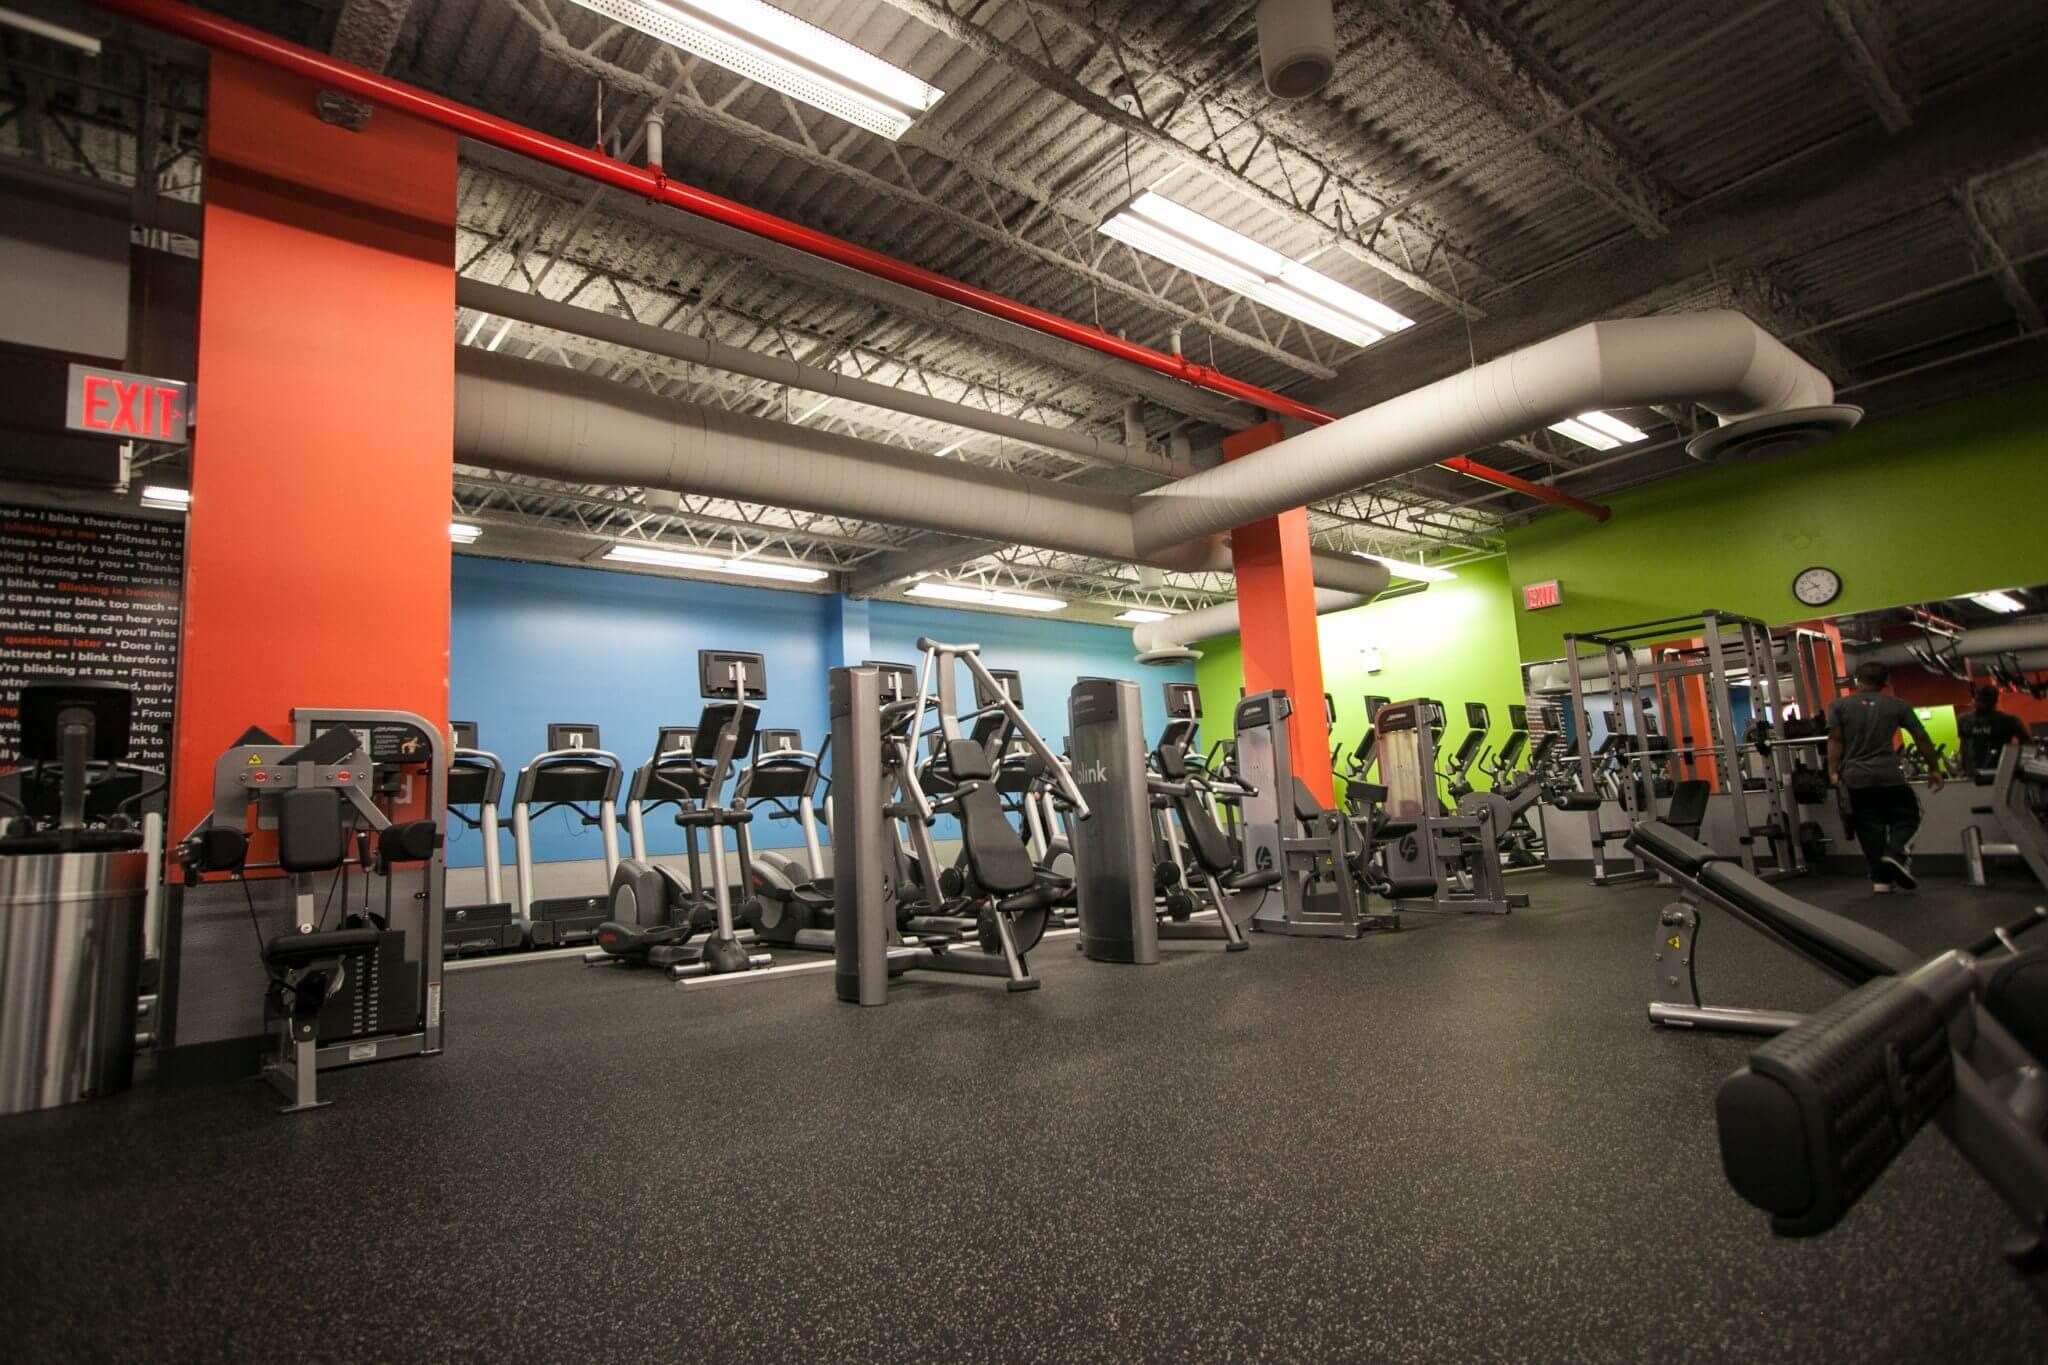 blink gym locations brooklyn